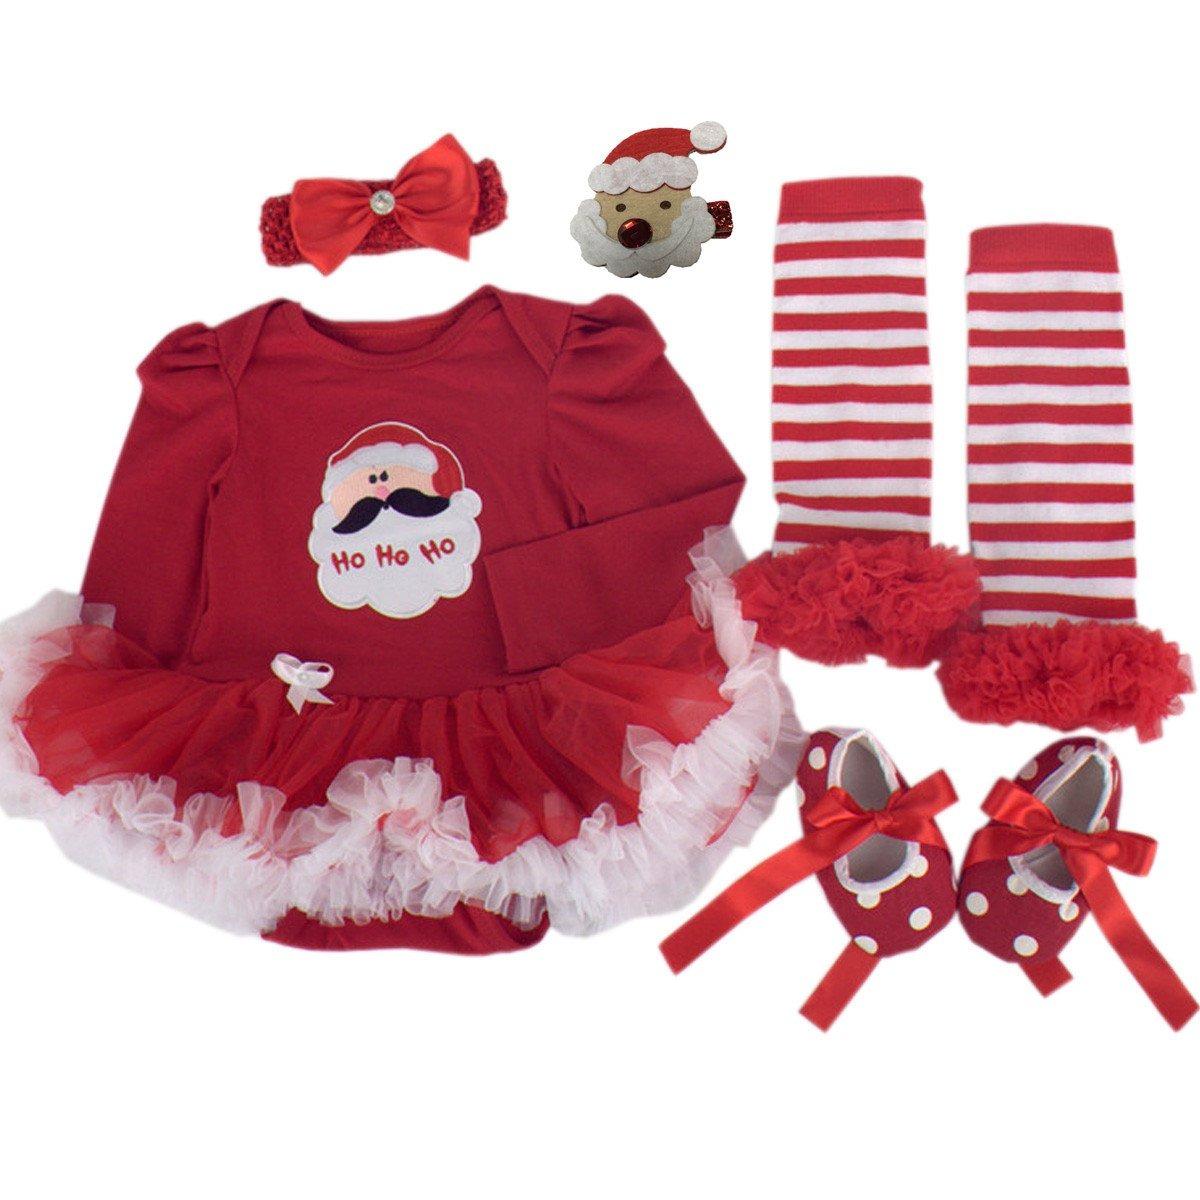 817b31c34 vestidos de navidad para bebés trajes de santa ropa para rec. Cargando zoom.